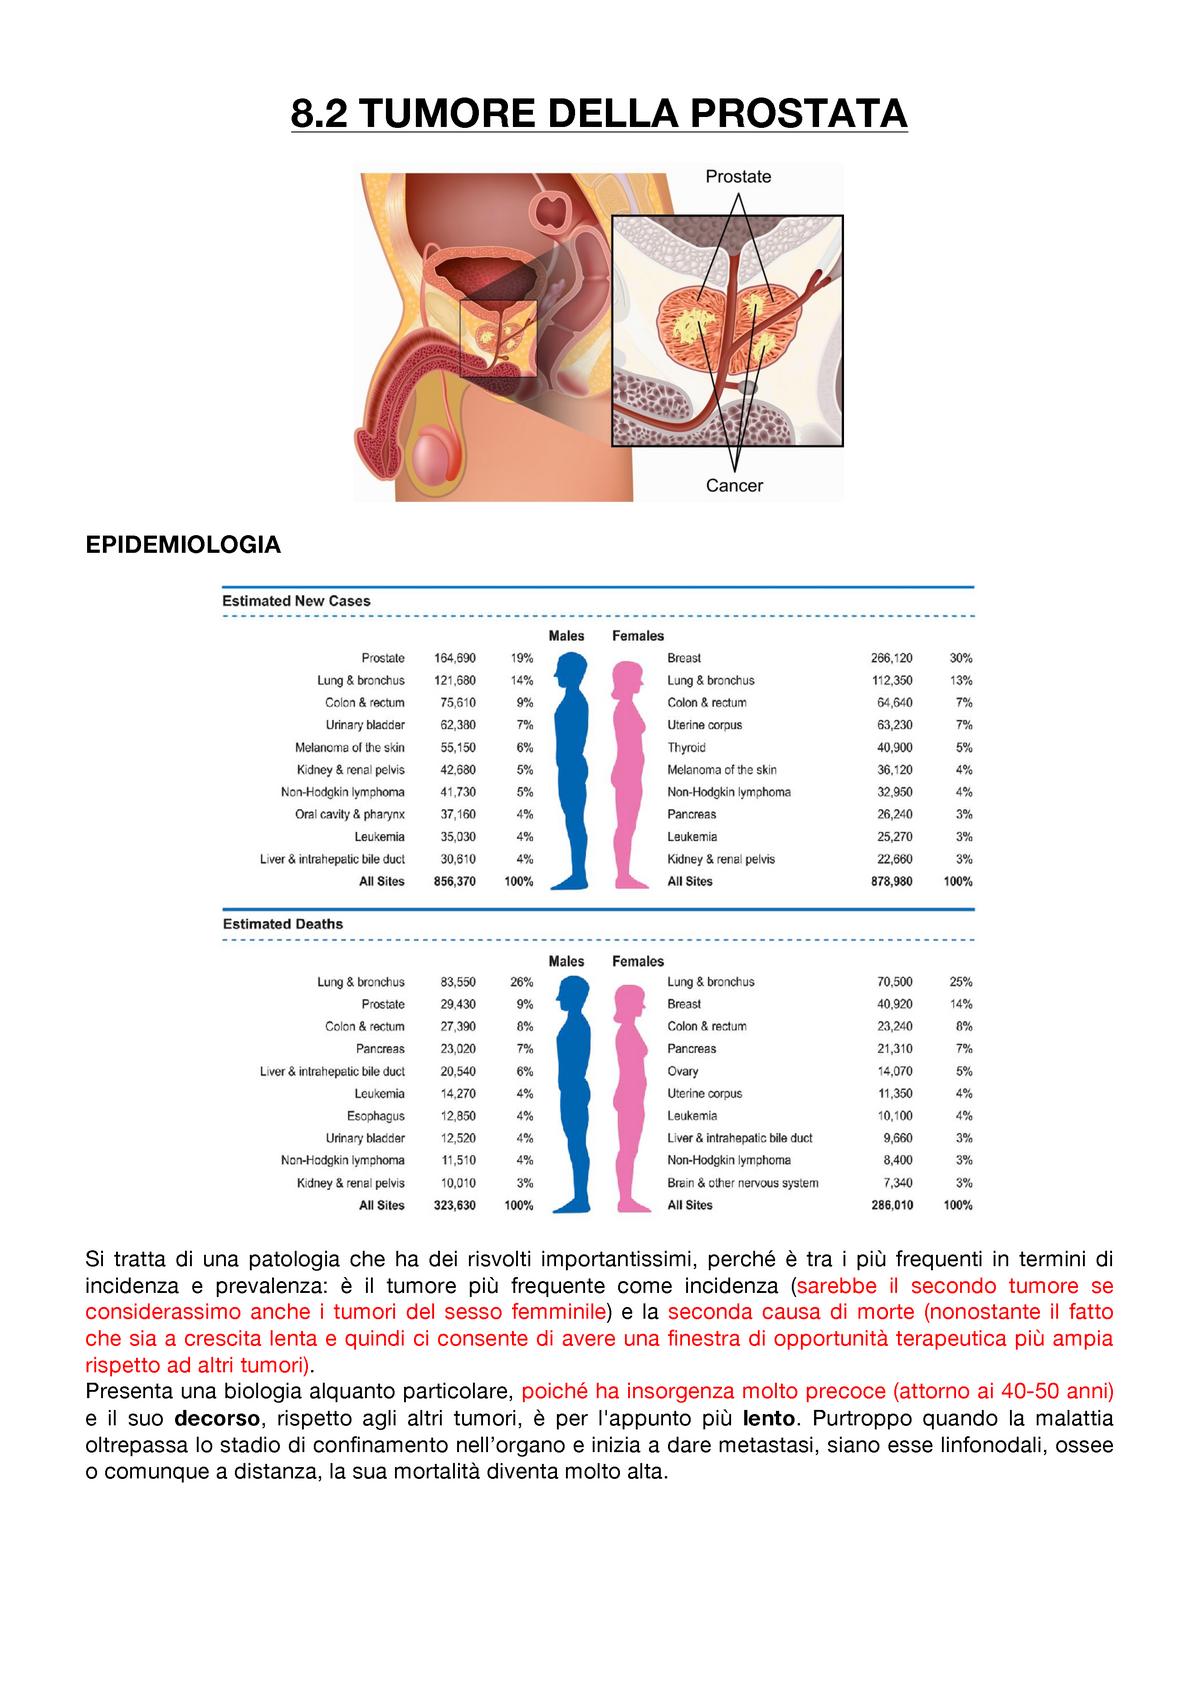 tumore prostata margini positivo que